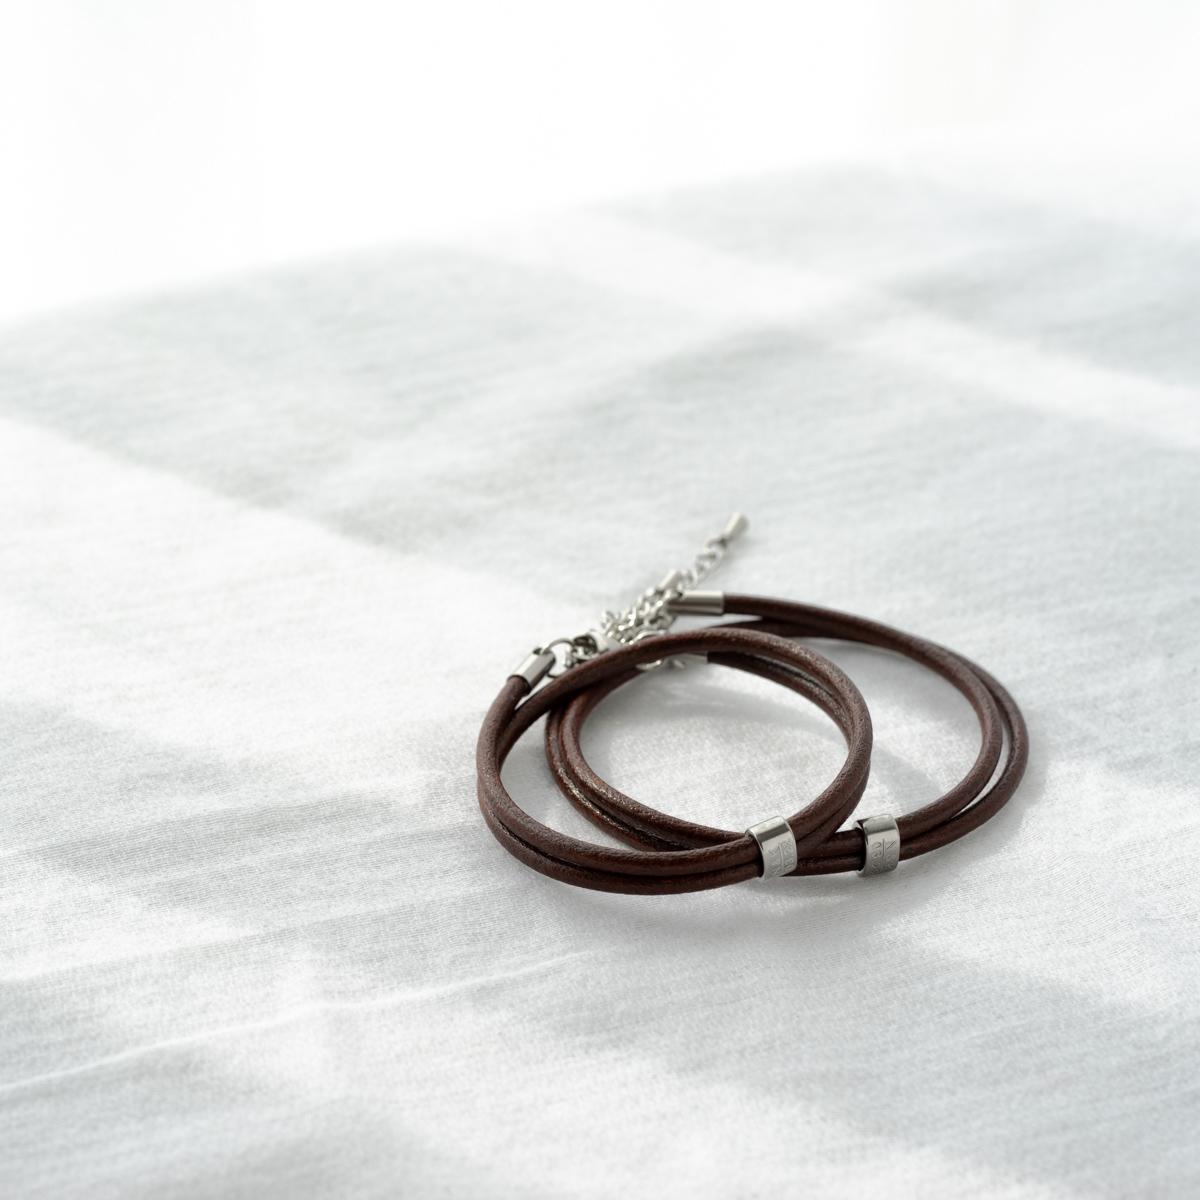 Lauss イタリアンレザー 2重巻きペアブレスレット イニシャル・記念日彫刻 klb041 conpact